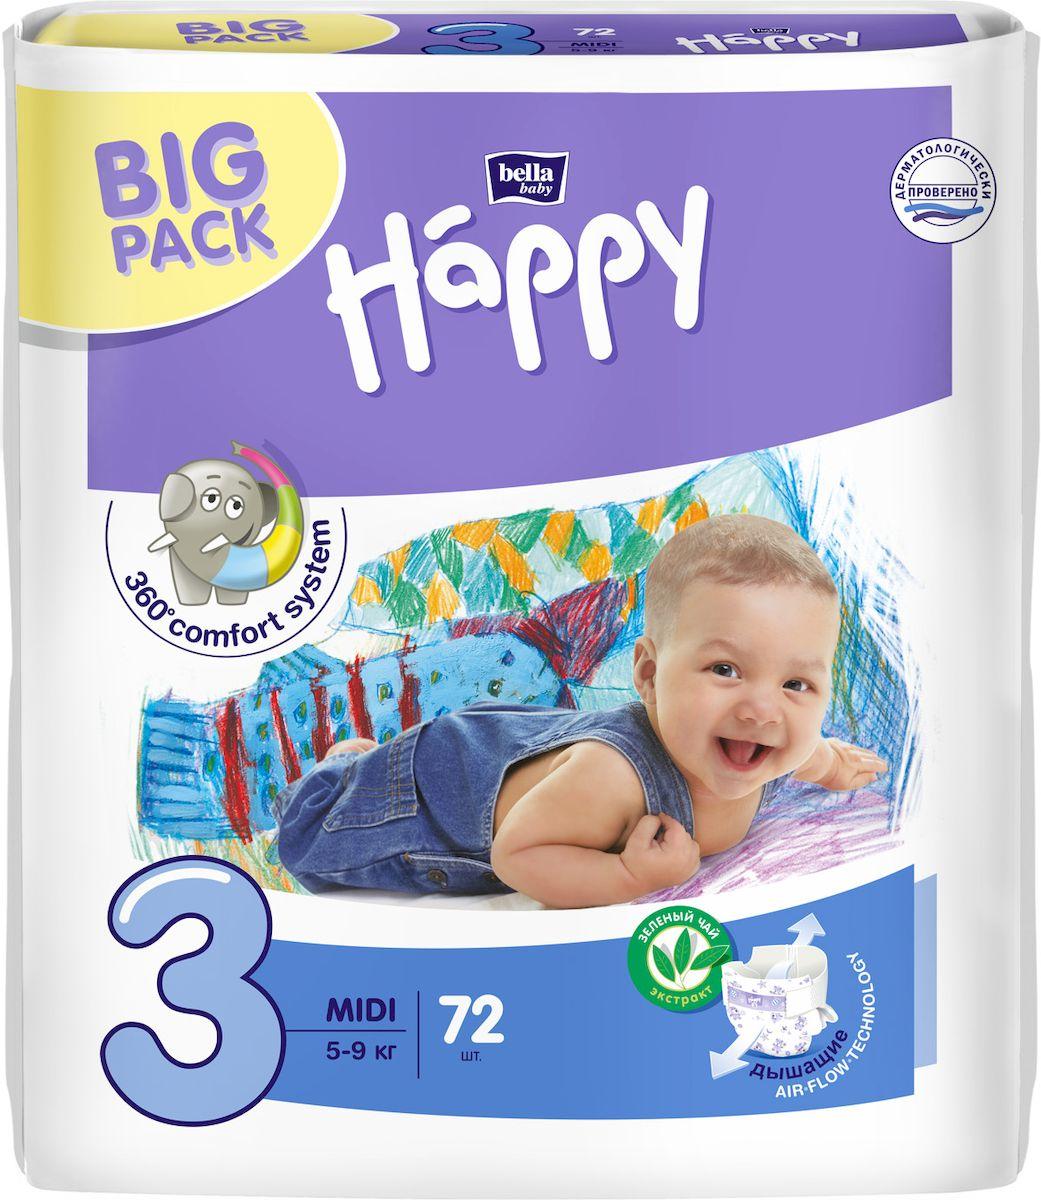 Bella Подгузники для детей Baby Happy размер Midi 3 5-9 кг 78 шт - Подгузники и пеленки